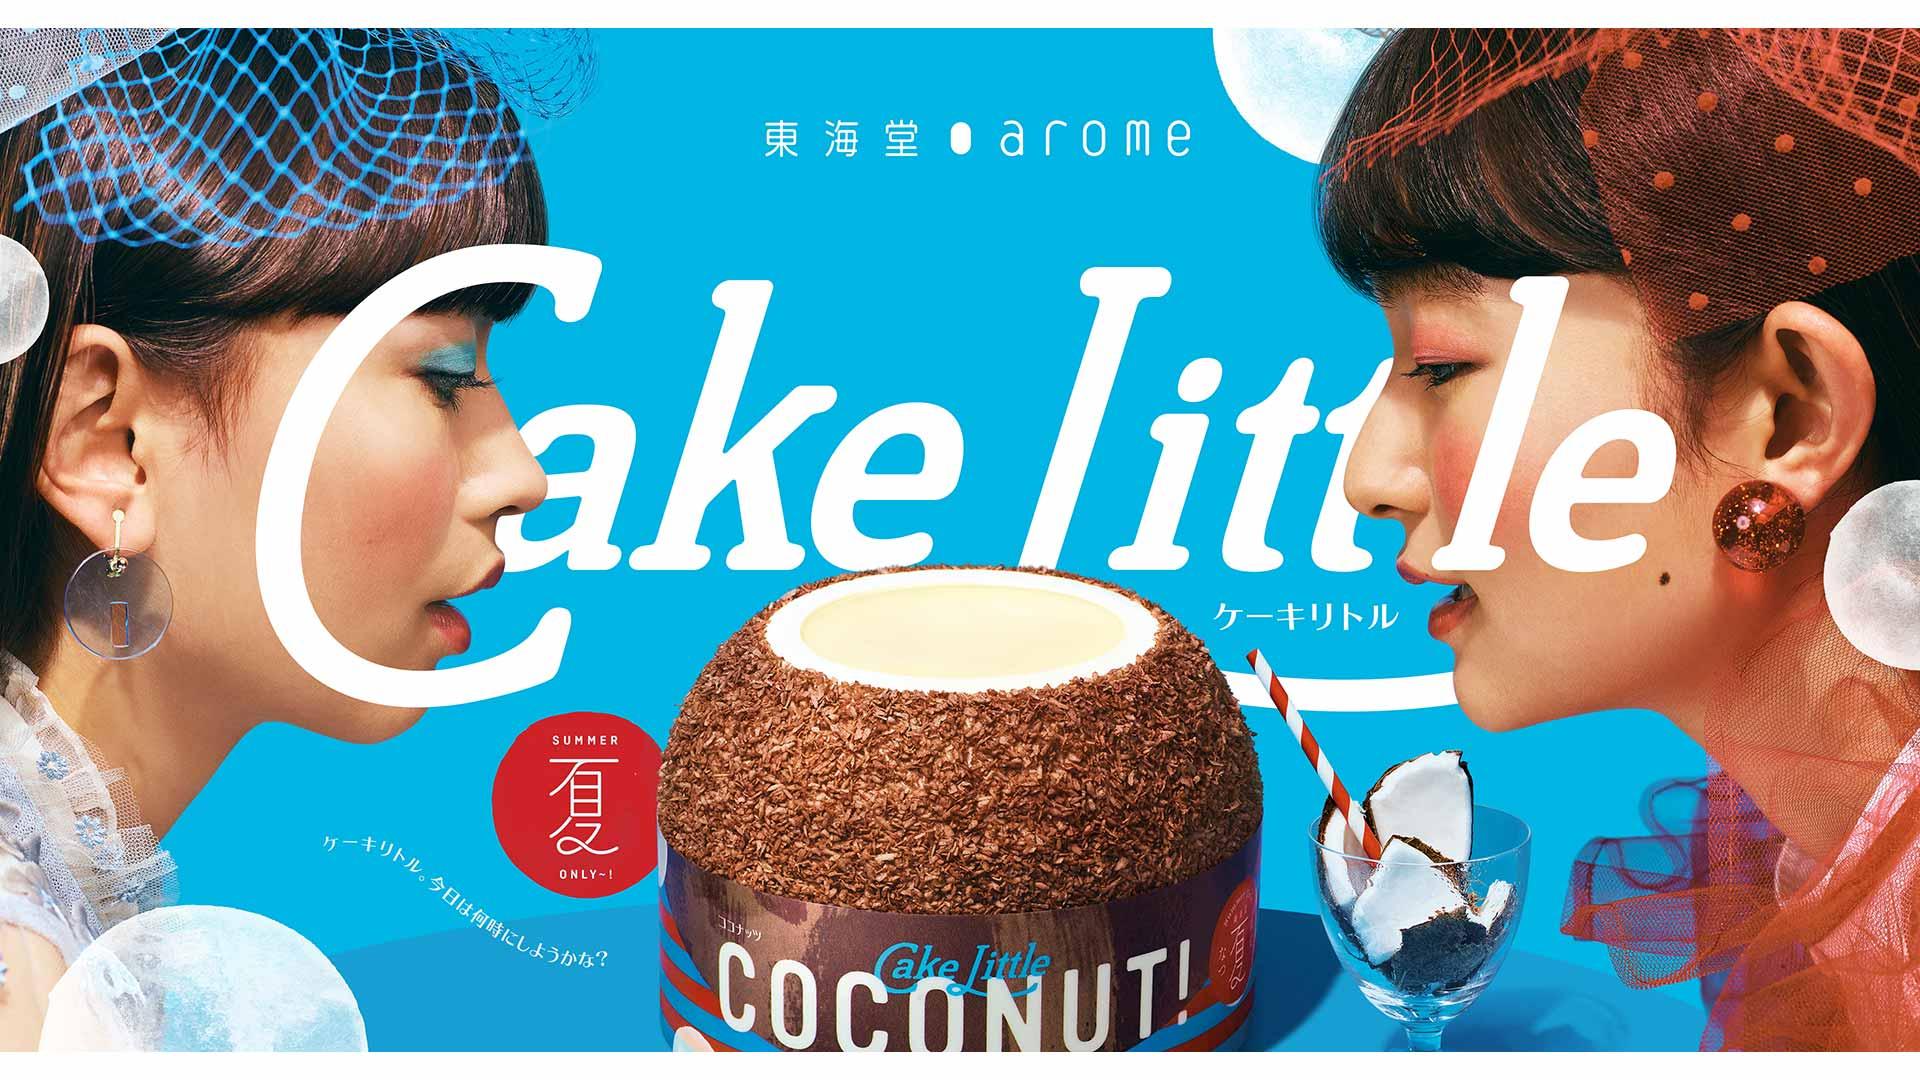 東海堂 arome「Cake Little」